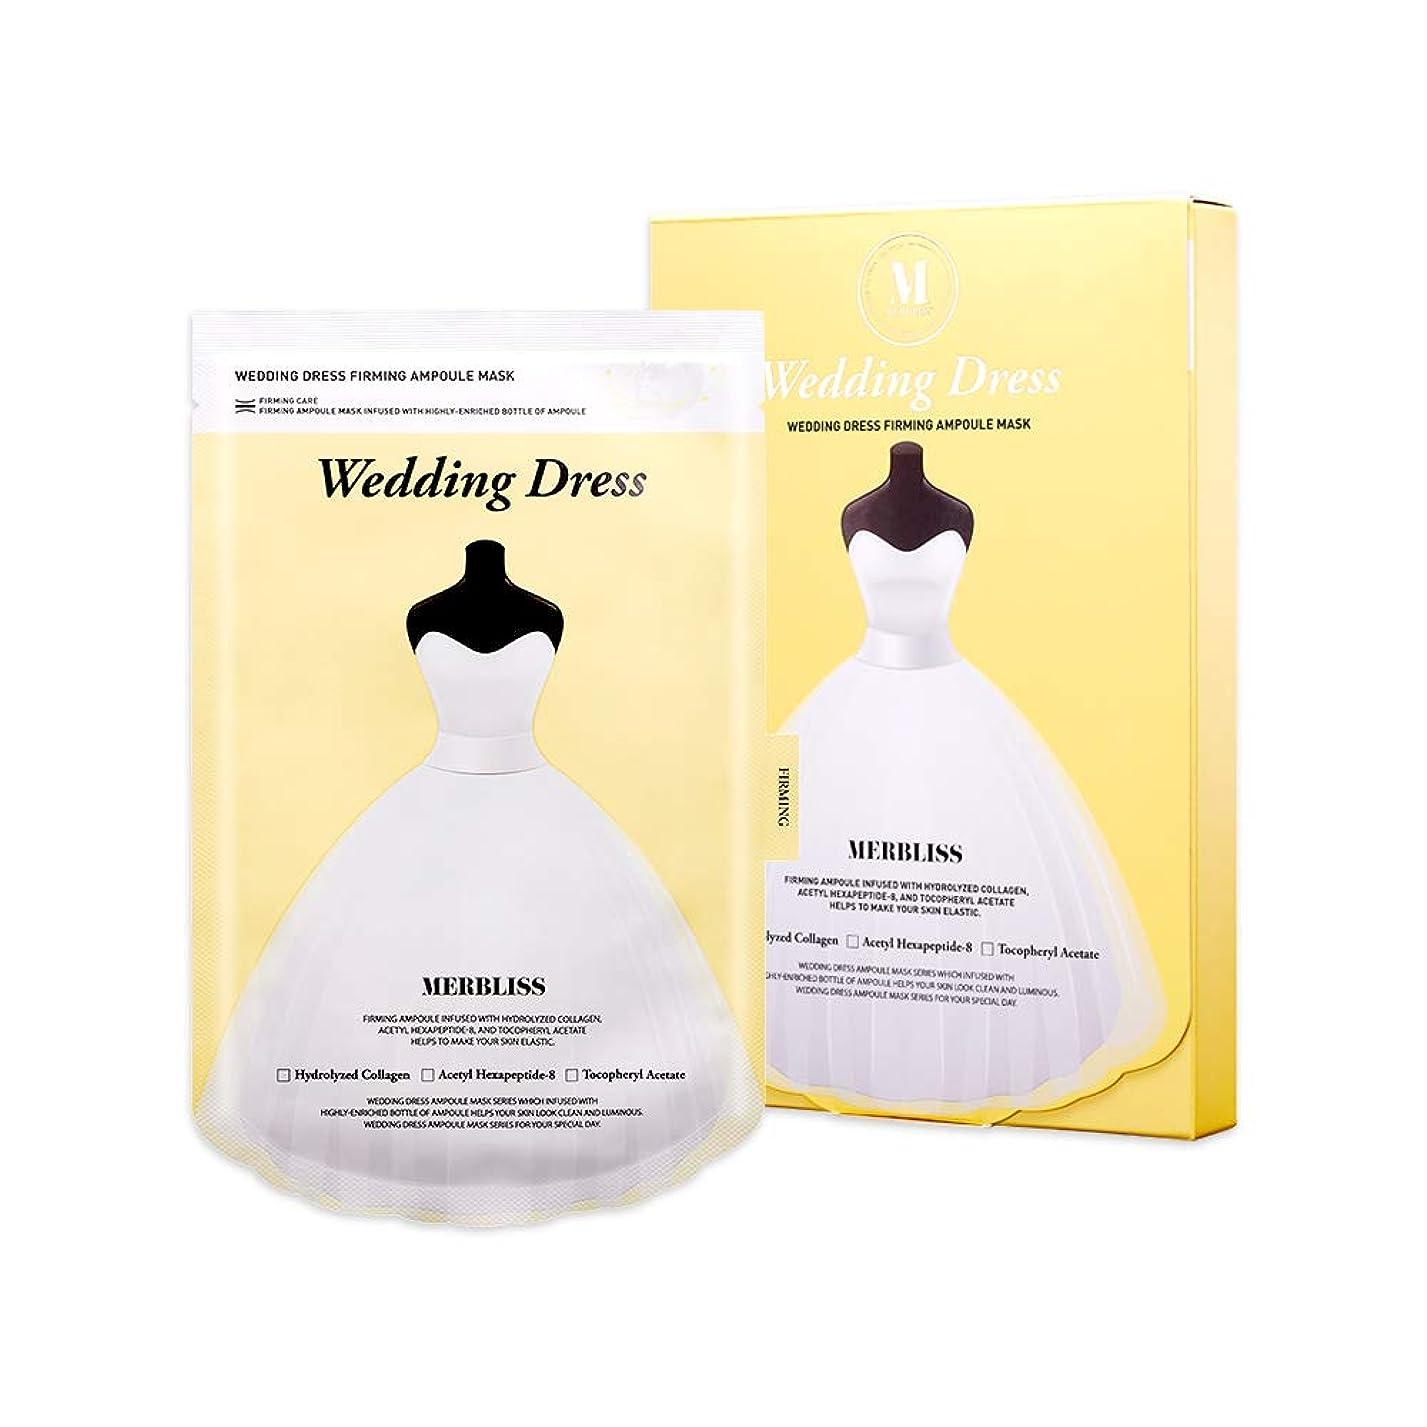 メロディー味付け東方MERBLISS(モルブリス) ウェディングドレス ファーミングマスク 5枚入り 肌メンテナンスタイプ